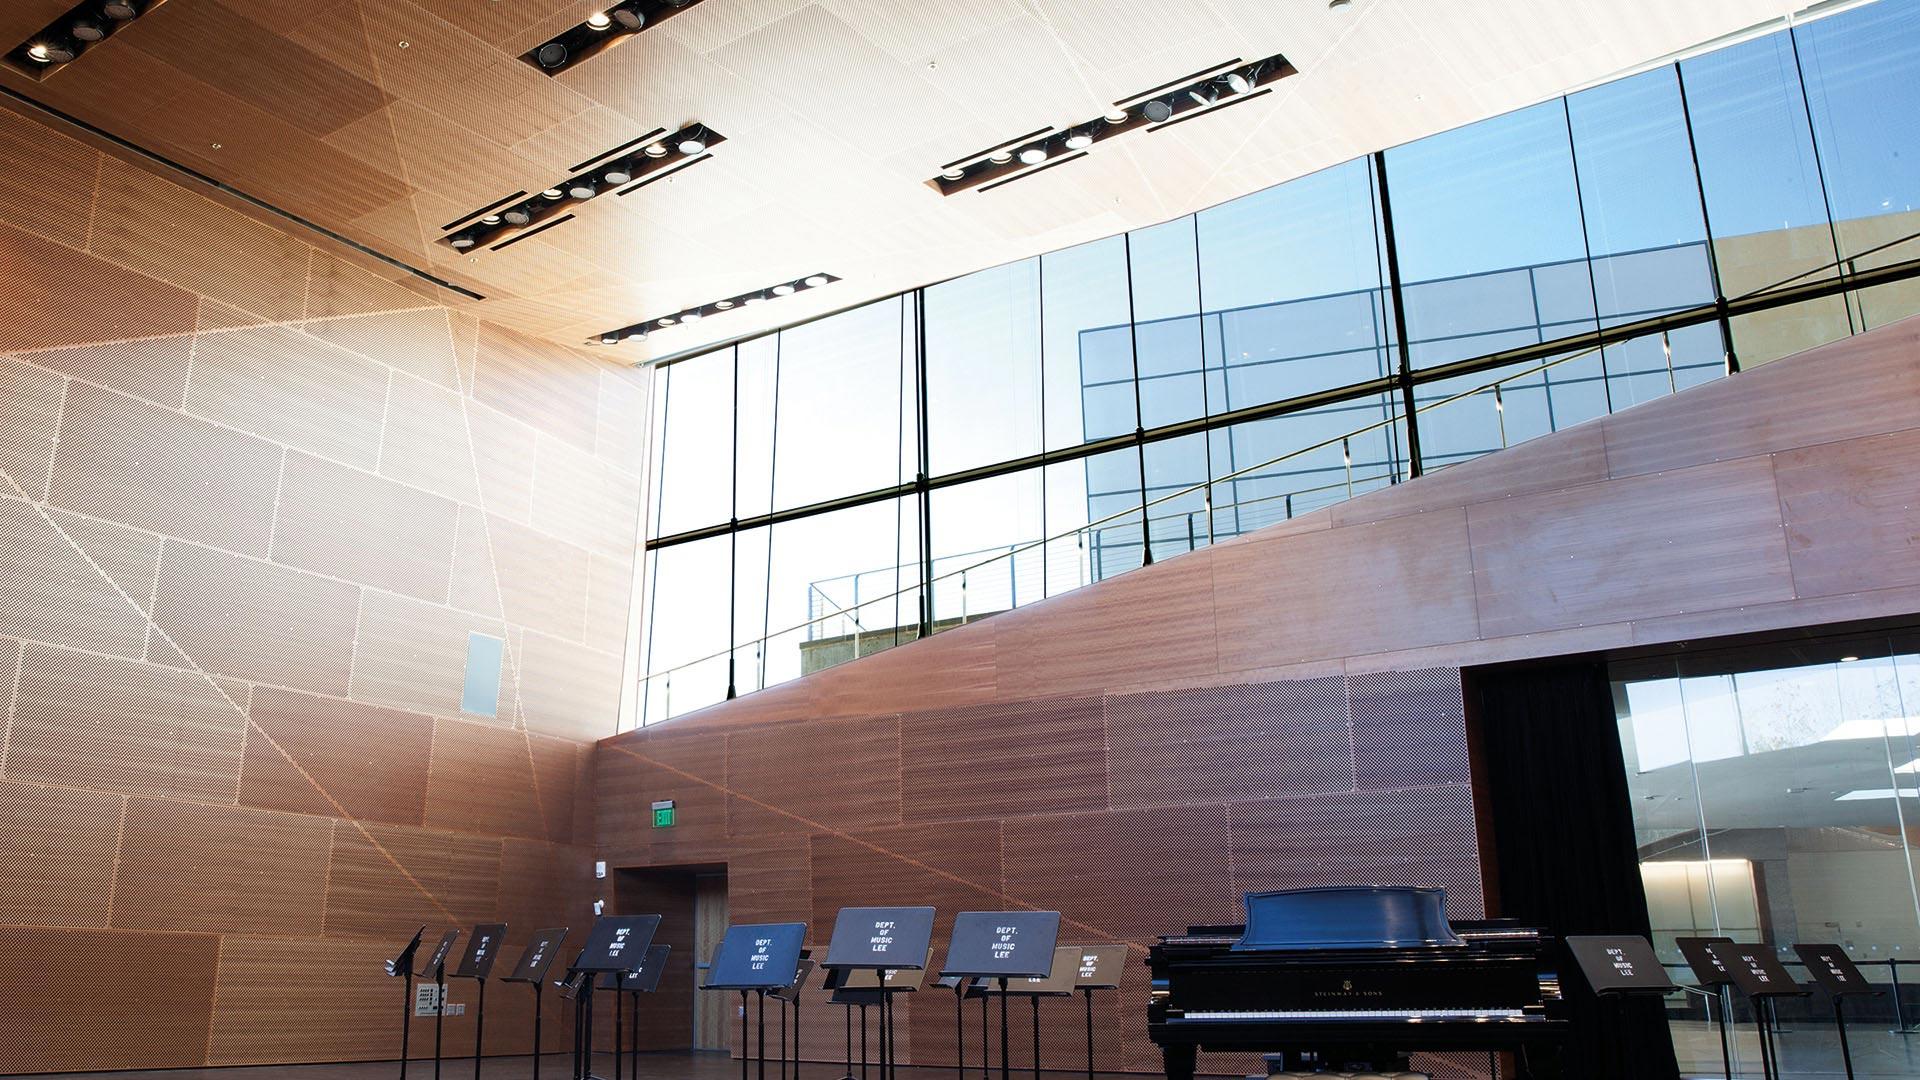 Princeton Performing Arts Center